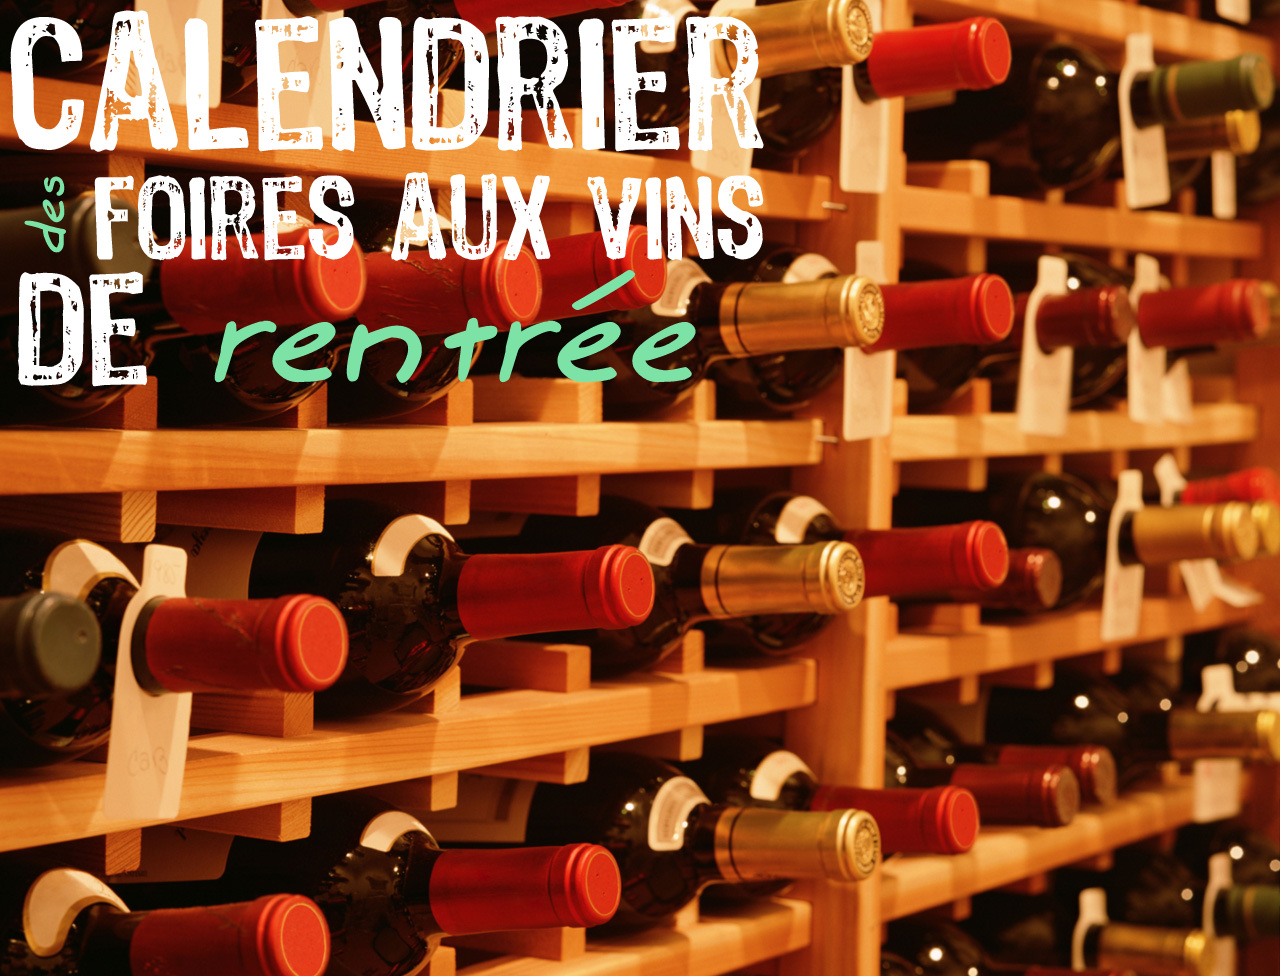 Le calendrier des foires aux vins 2016 for Calendrier salon des vins